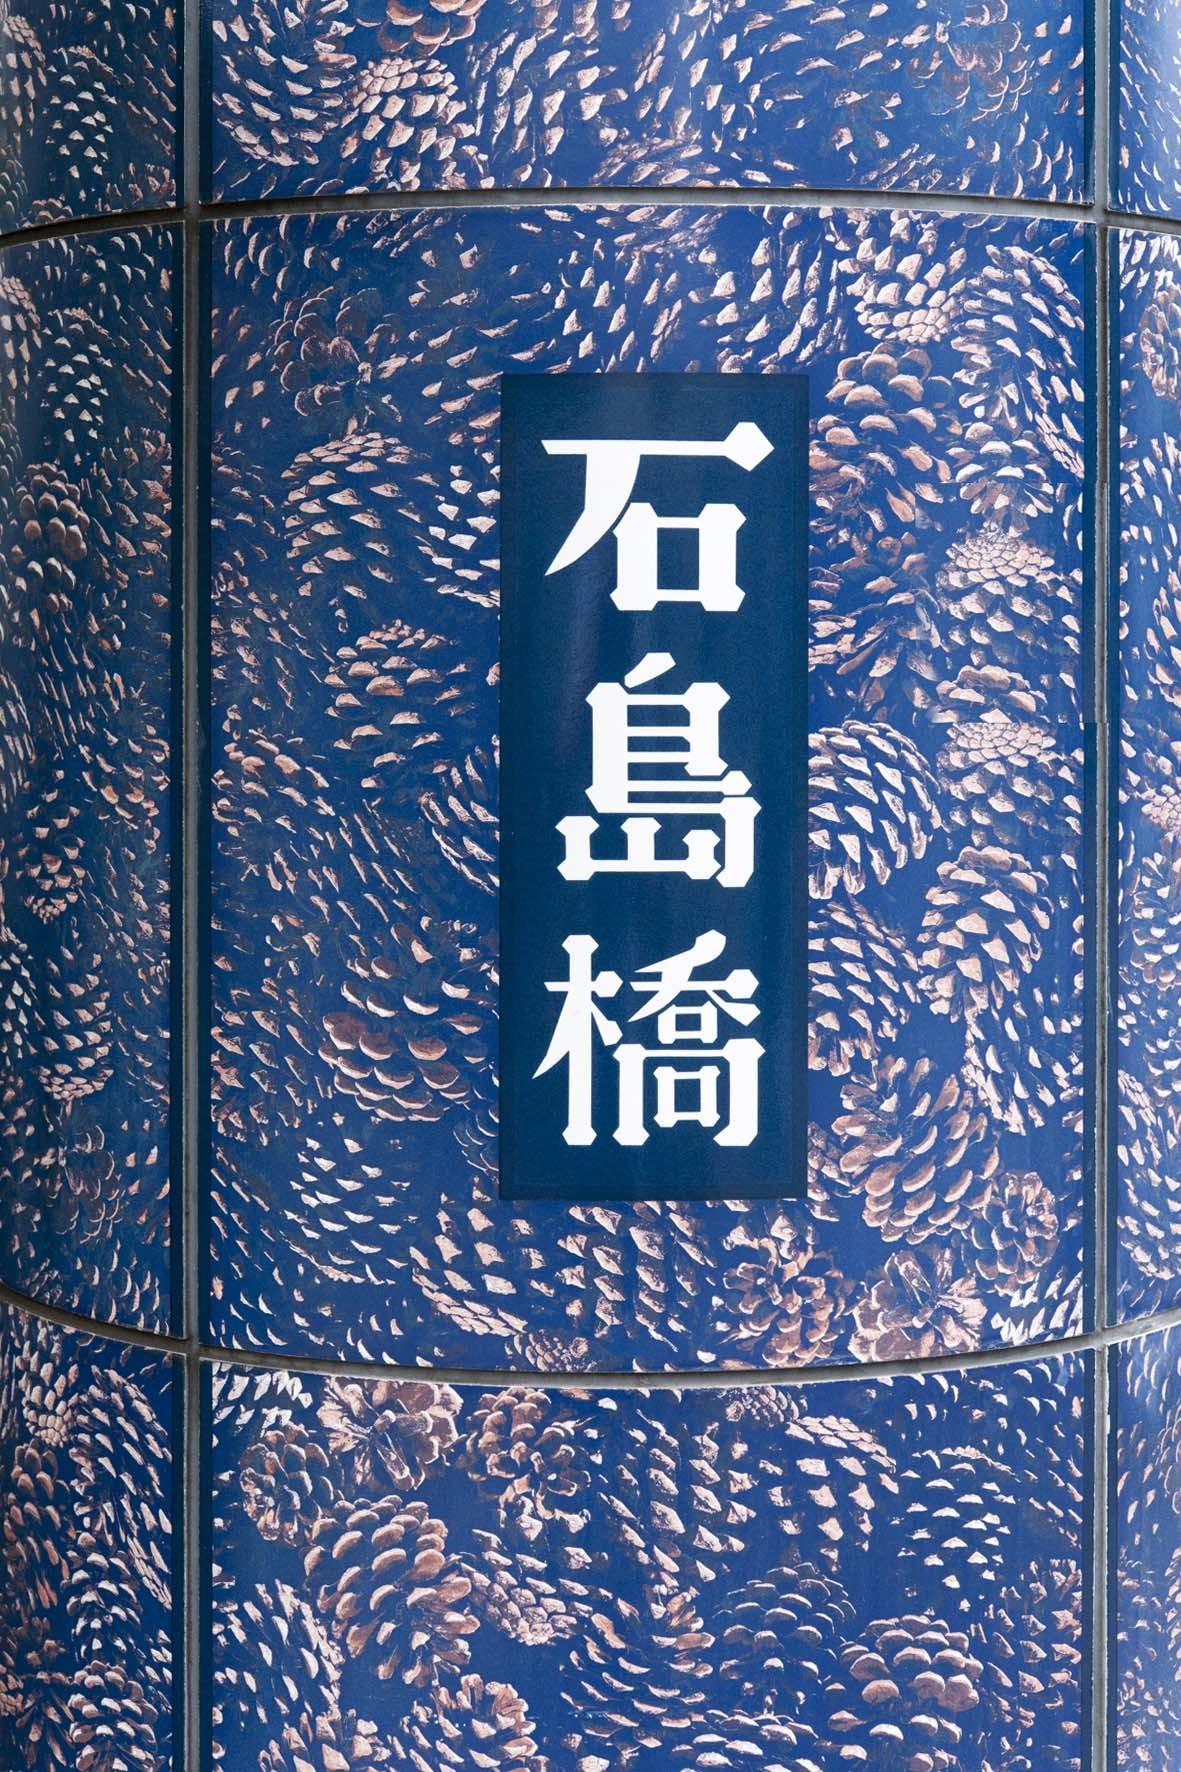 f0077849_20090360.jpg